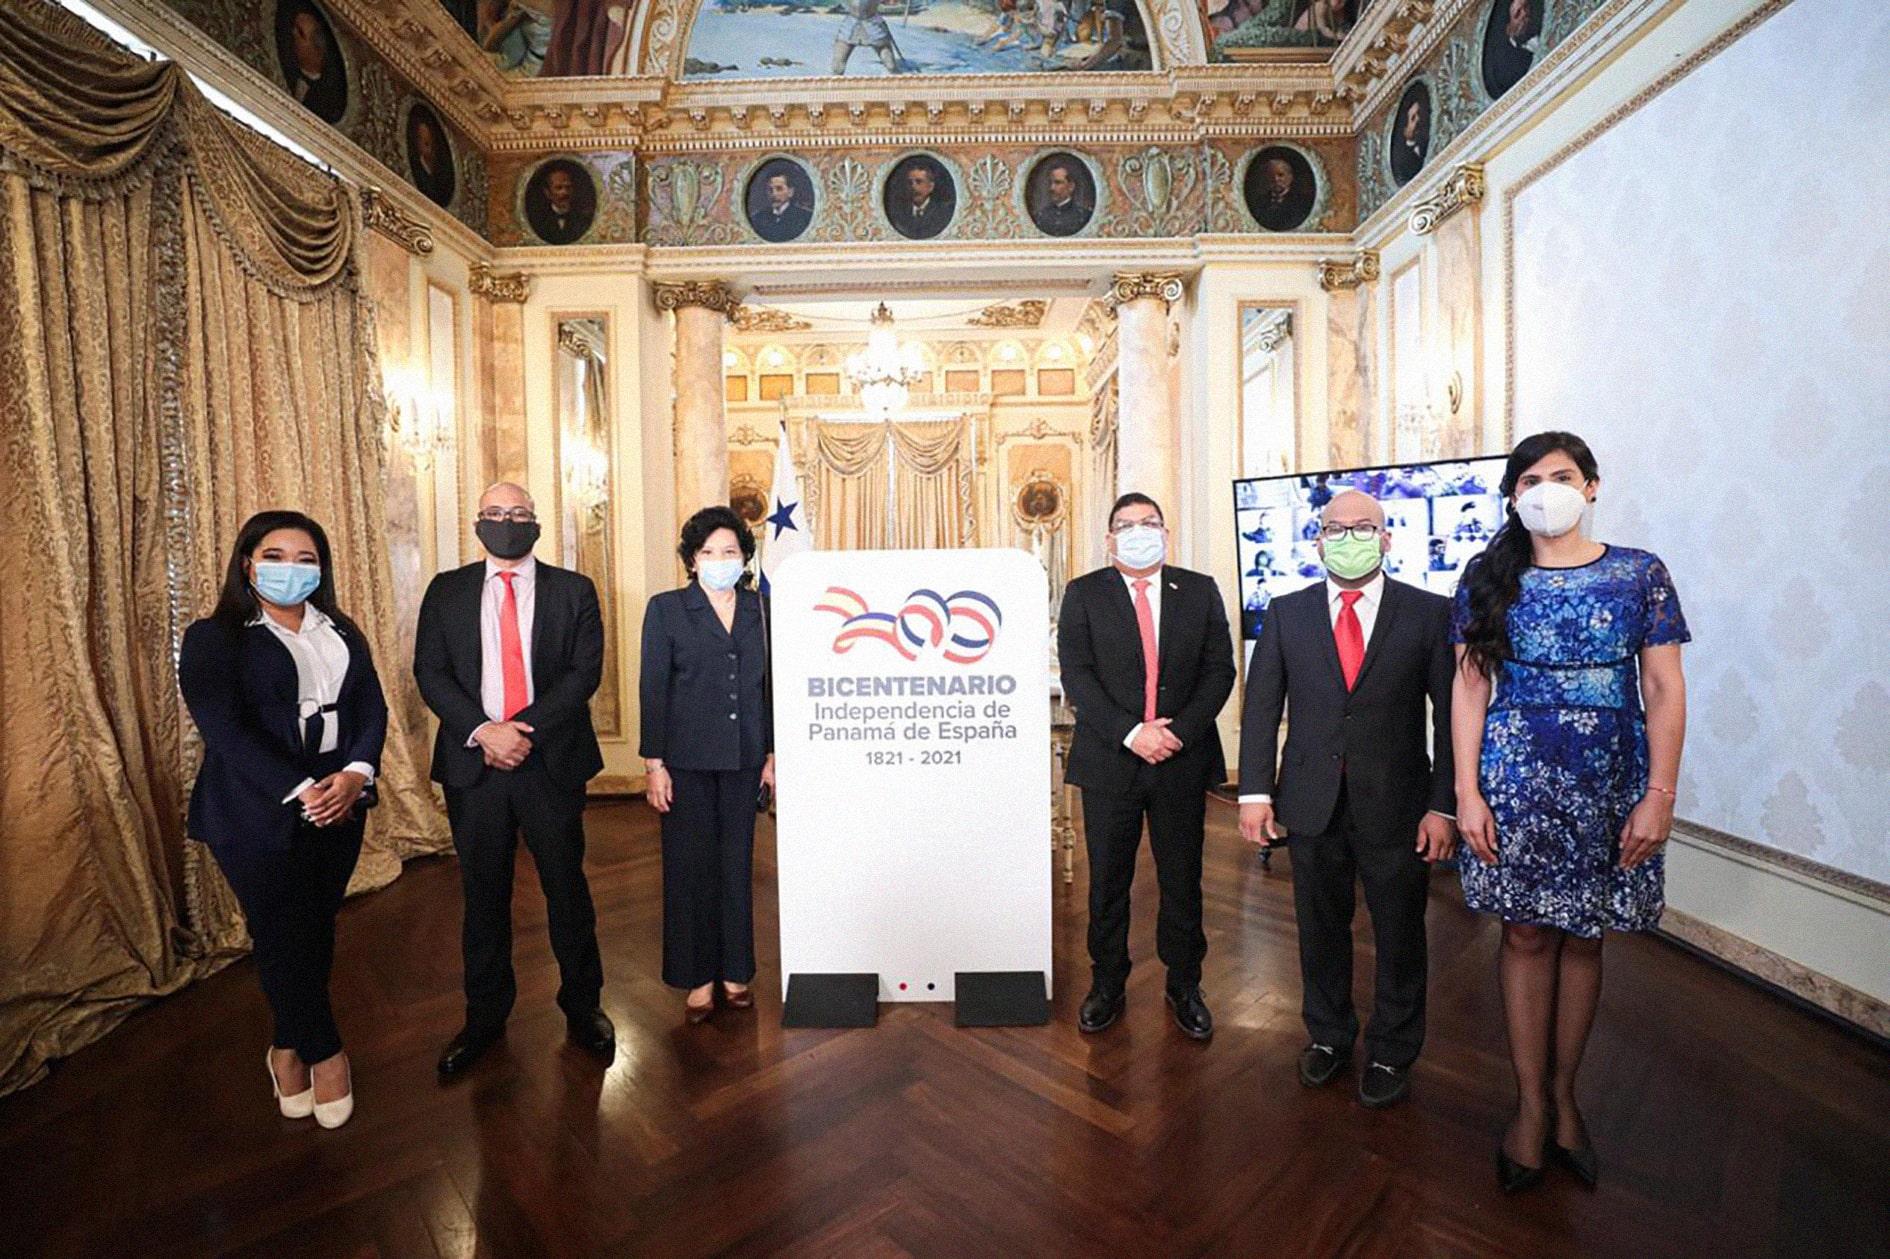 EMPRESARIALES EVENTOS  | Presentan logo del Bicentenario